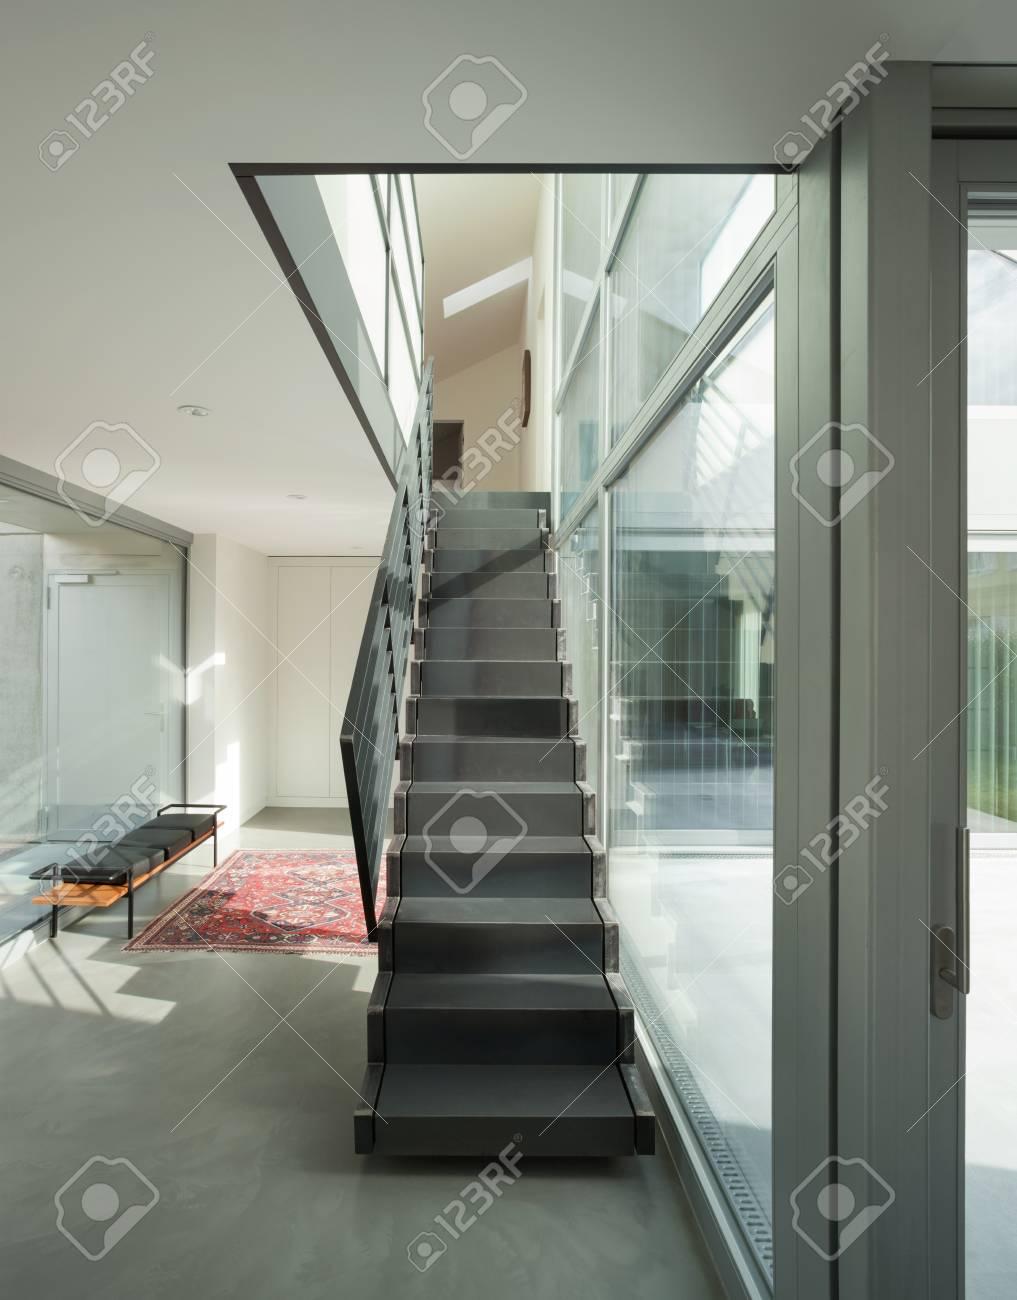 Hall D Entrée Moderne inter d'une maison moderne, hall d'entrée avec escalier en fer